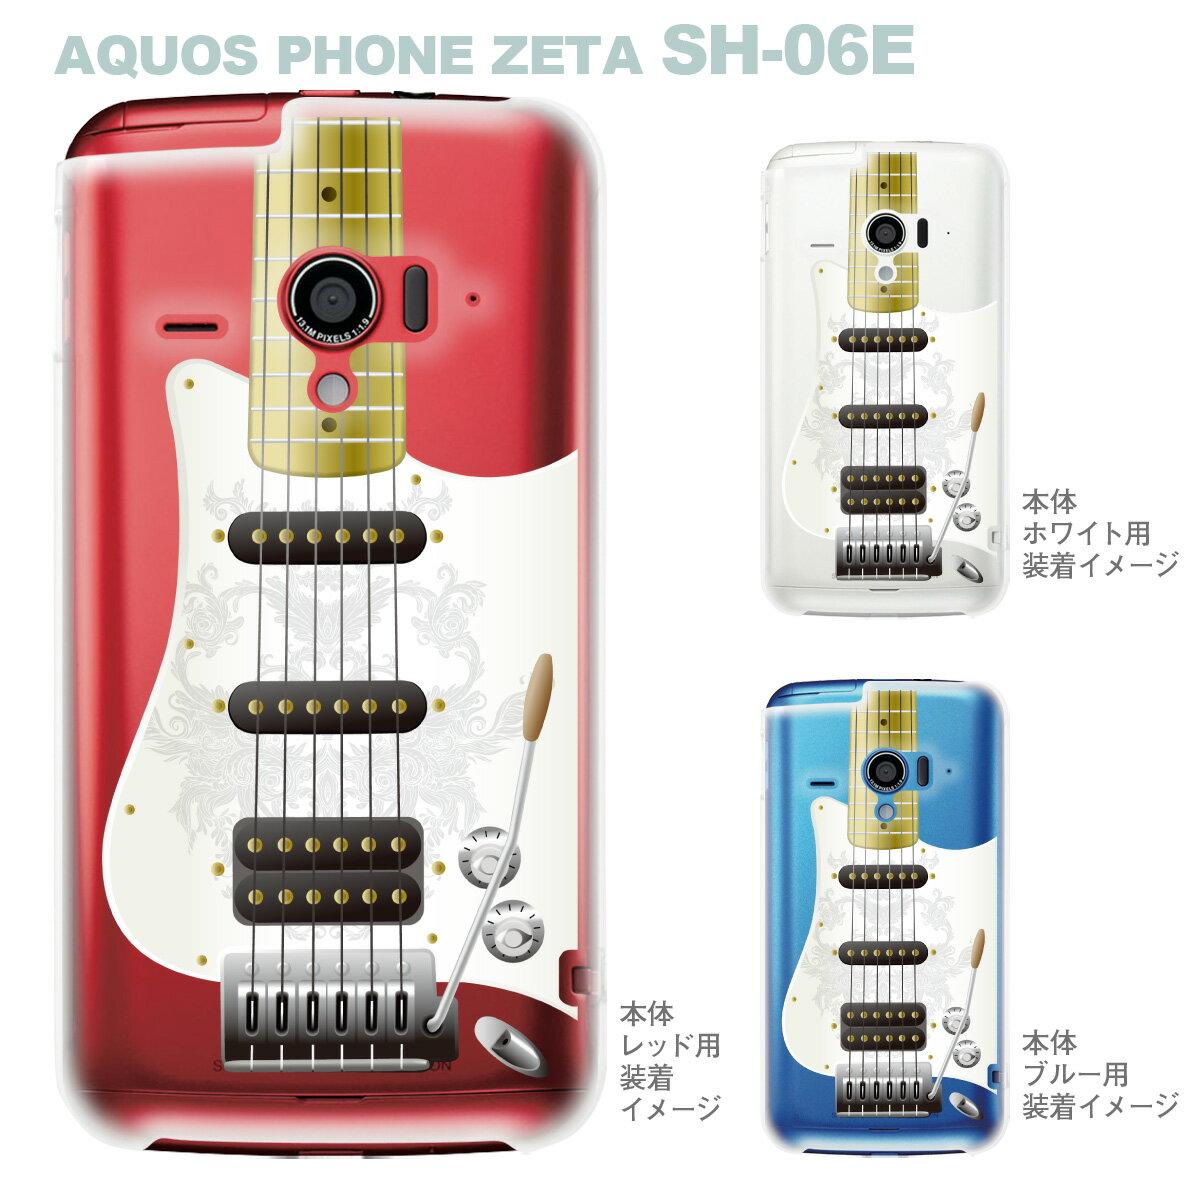 スマートフォン・携帯電話アクセサリー, ケース・カバー AQUOS PHONE ZETA SH-06EIGZO 06-sh06e-mu0001